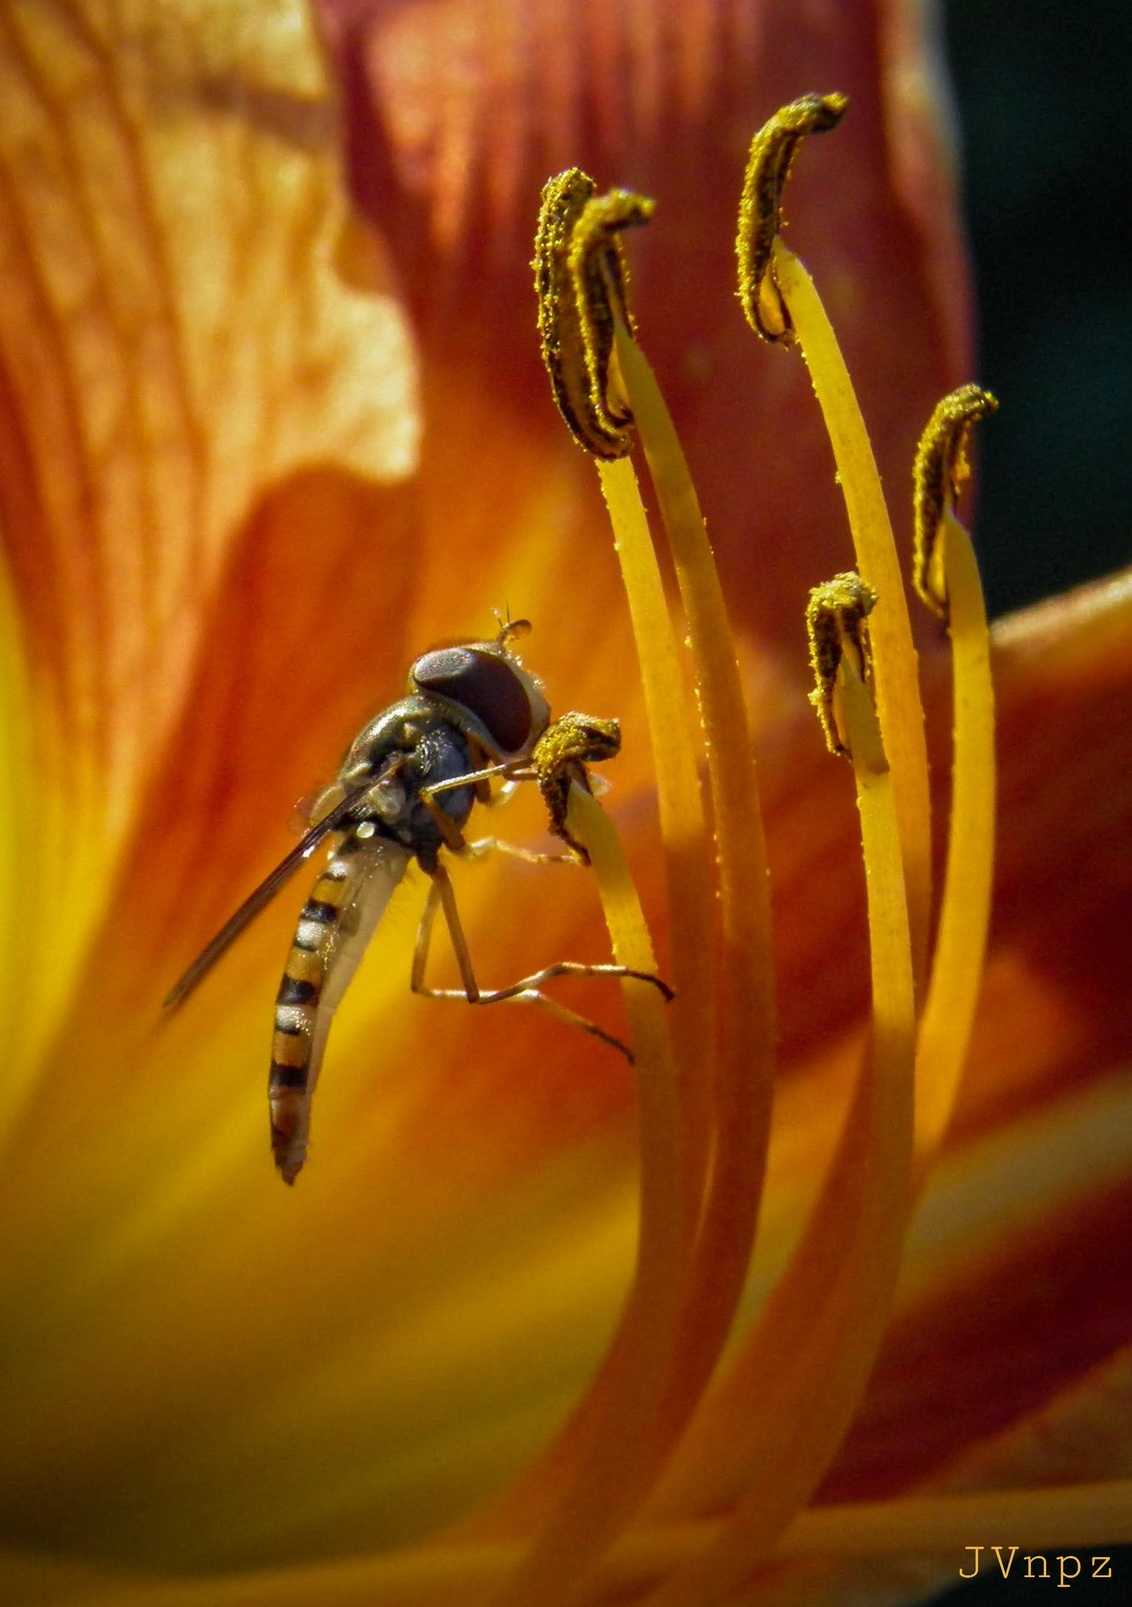 Inside a Lily 1 - - - foto door Vissernpz op 03-04-2021 - deze foto bevat: macro, zon, natuur, vlieg, oranje, tuin, zomer, insect, lelie